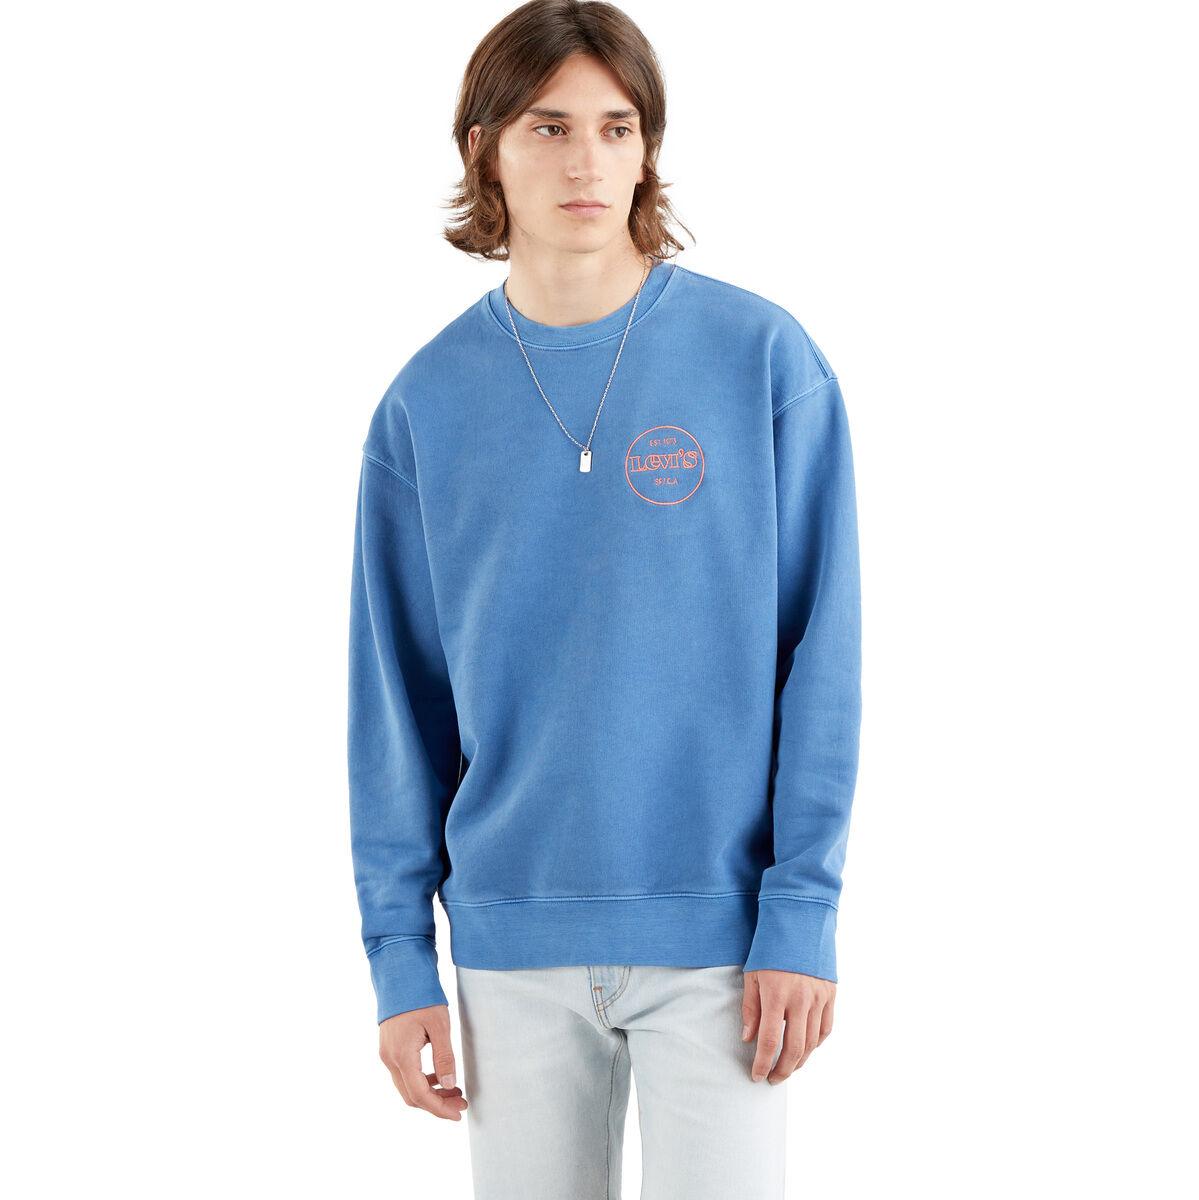 25% Rabatt auf reduzierte T-Shirts, Tops, Polos, Sportbekleidung, Handtaschen, Reisegepäck usw, z,B. Levi's Sweatshirt mit Logo-Stitching